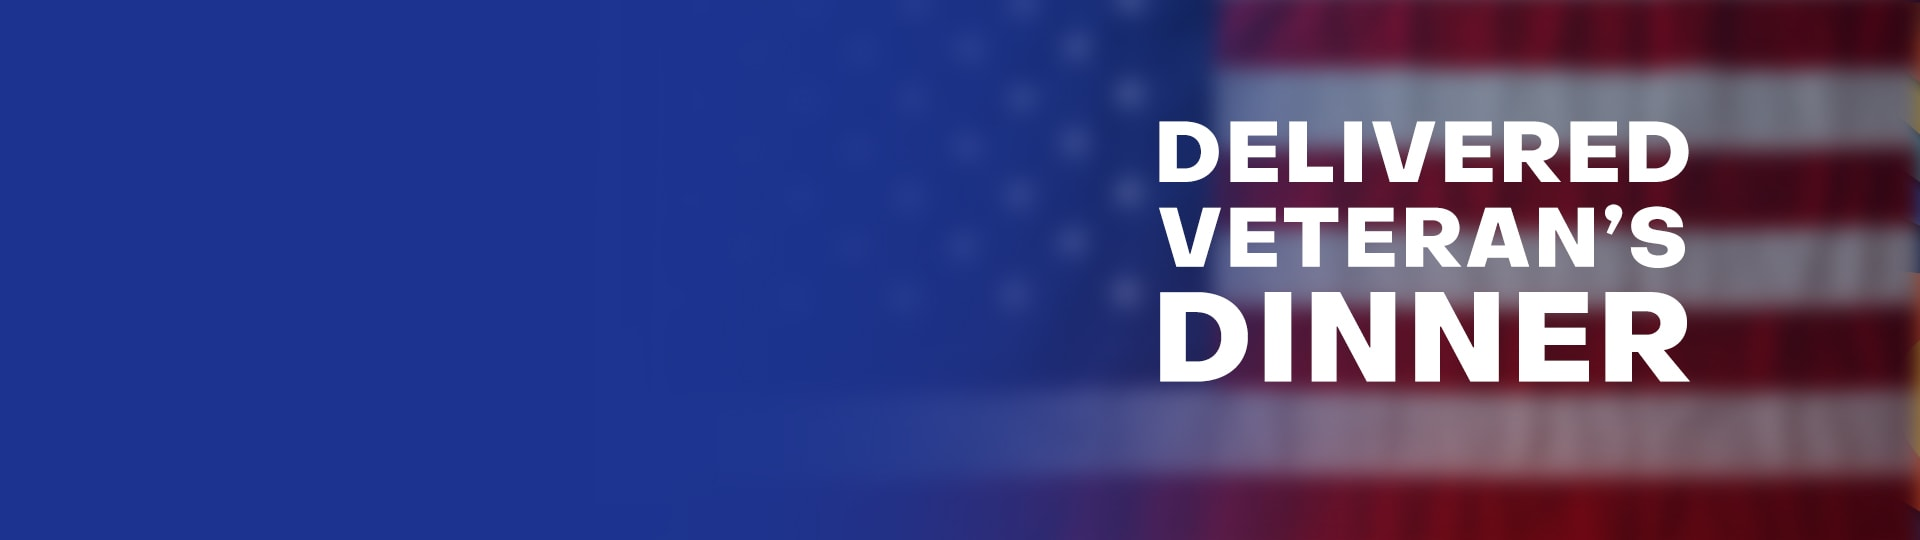 VeteransDinner_WebBanner copy